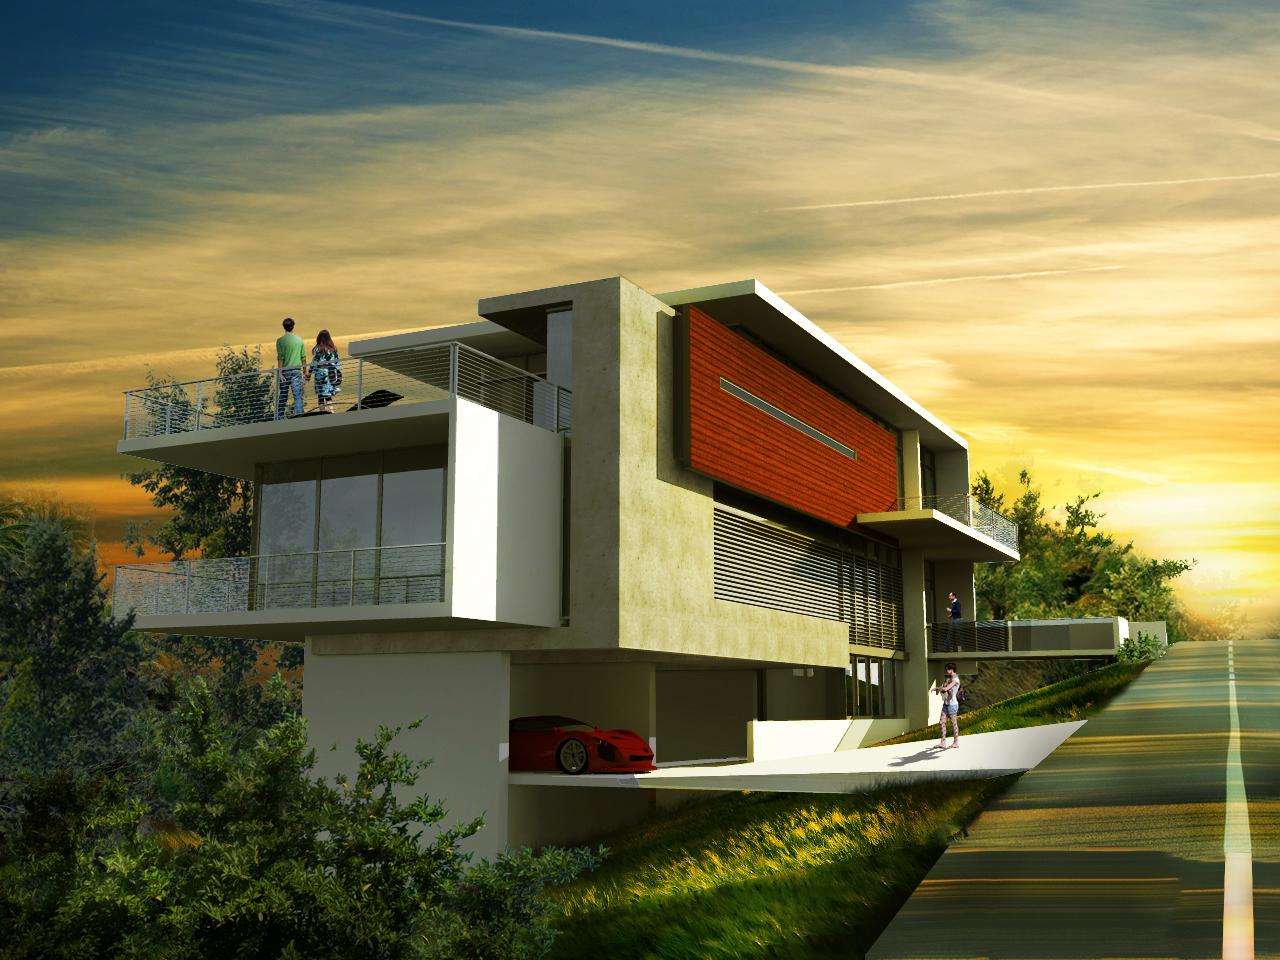 EDGARDO  L PEREZ ARCHITECT